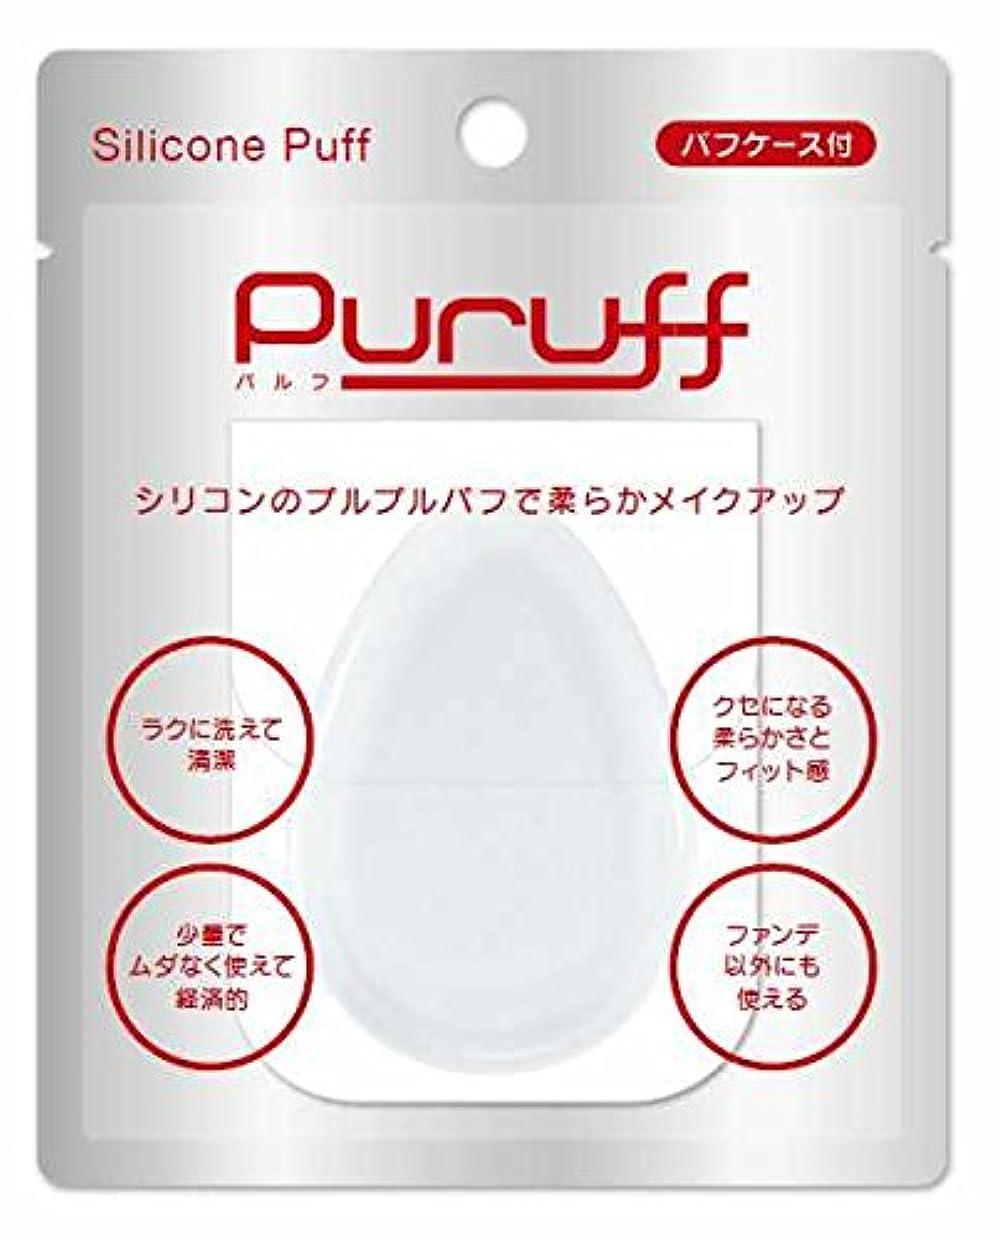 運ぶどう?乗算Puruff(パルフ) シリコンパフ カバー付 【まとめ買い2個セット】